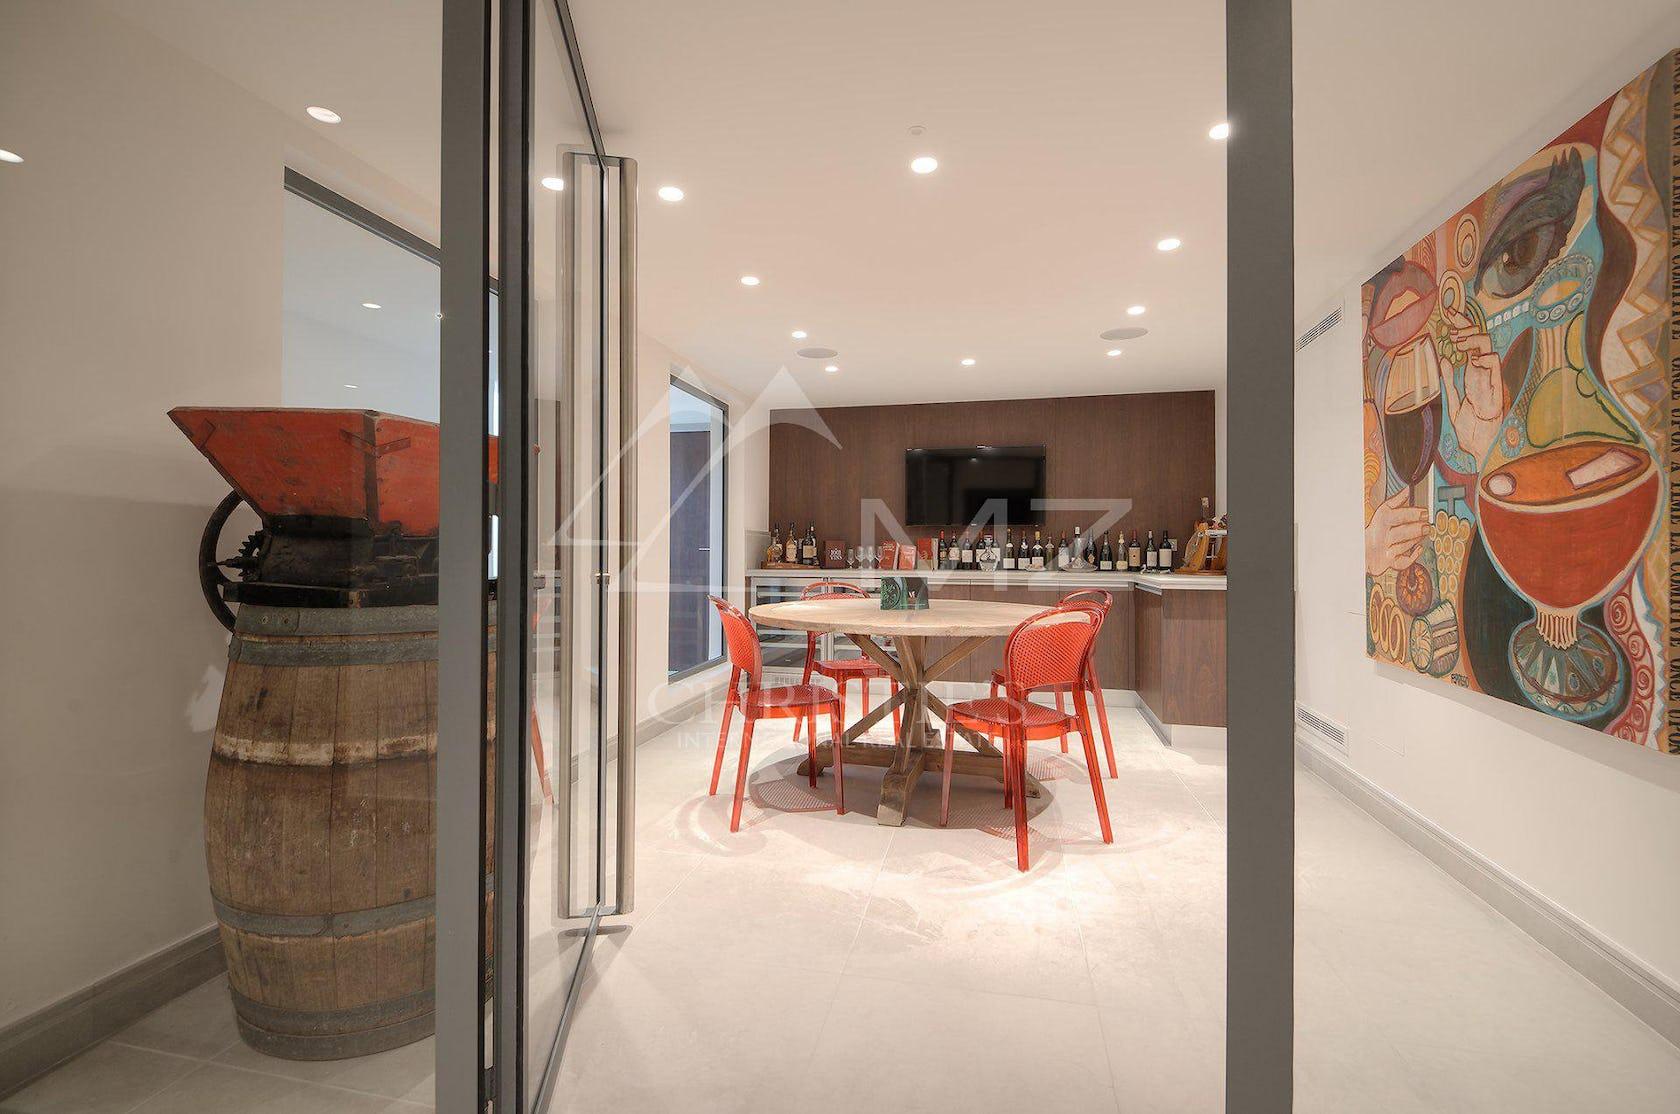 chair furniture flooring floor door interior design indoors